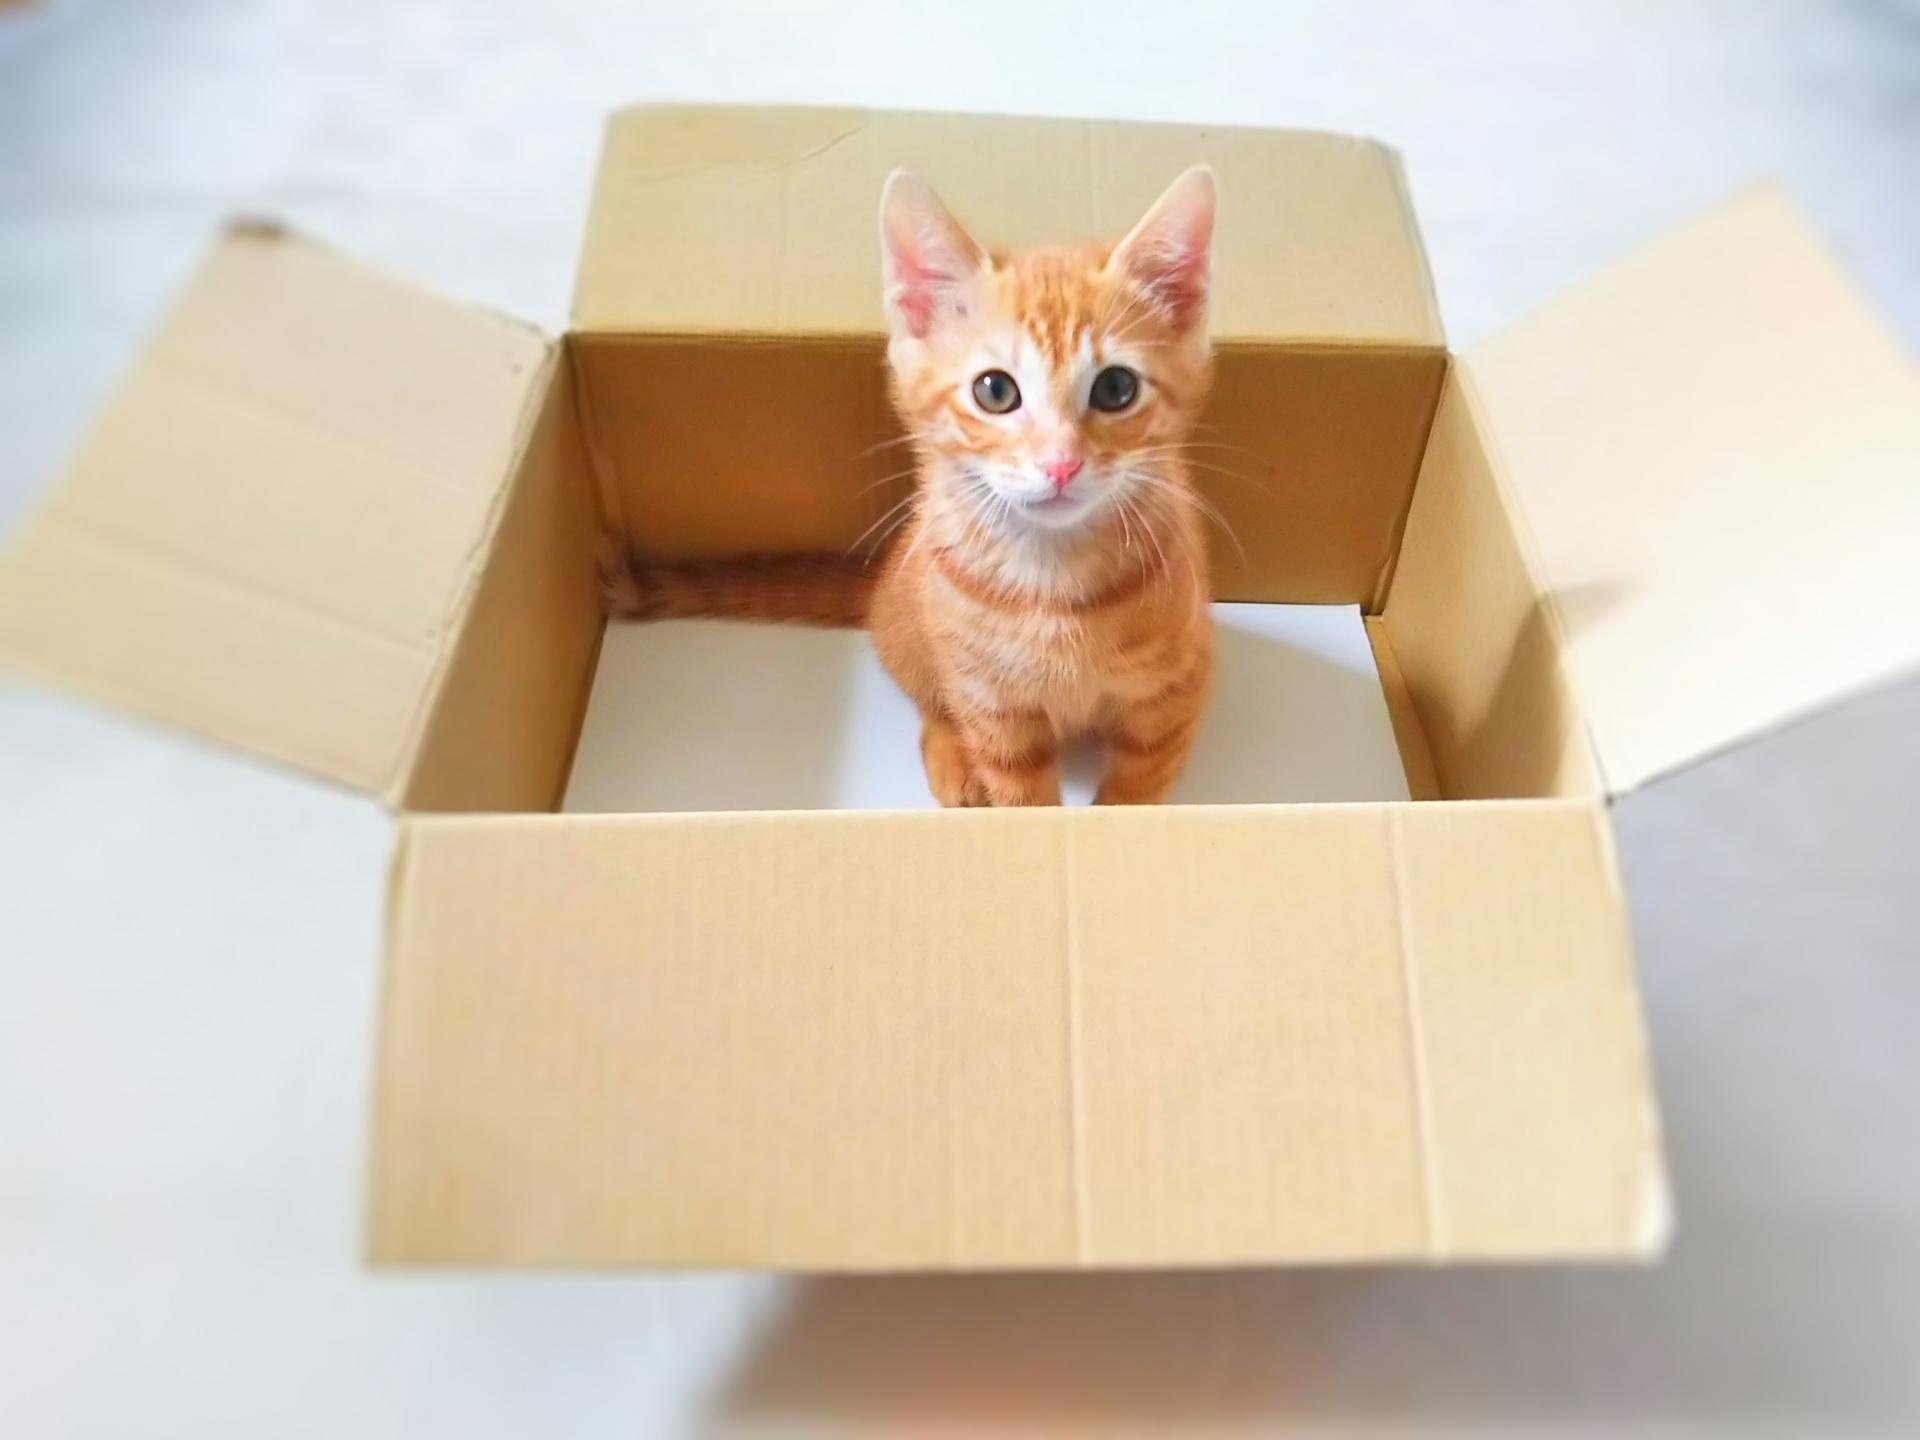 【必読】保護猫の里親になる前に知っておきたい7つの心構え